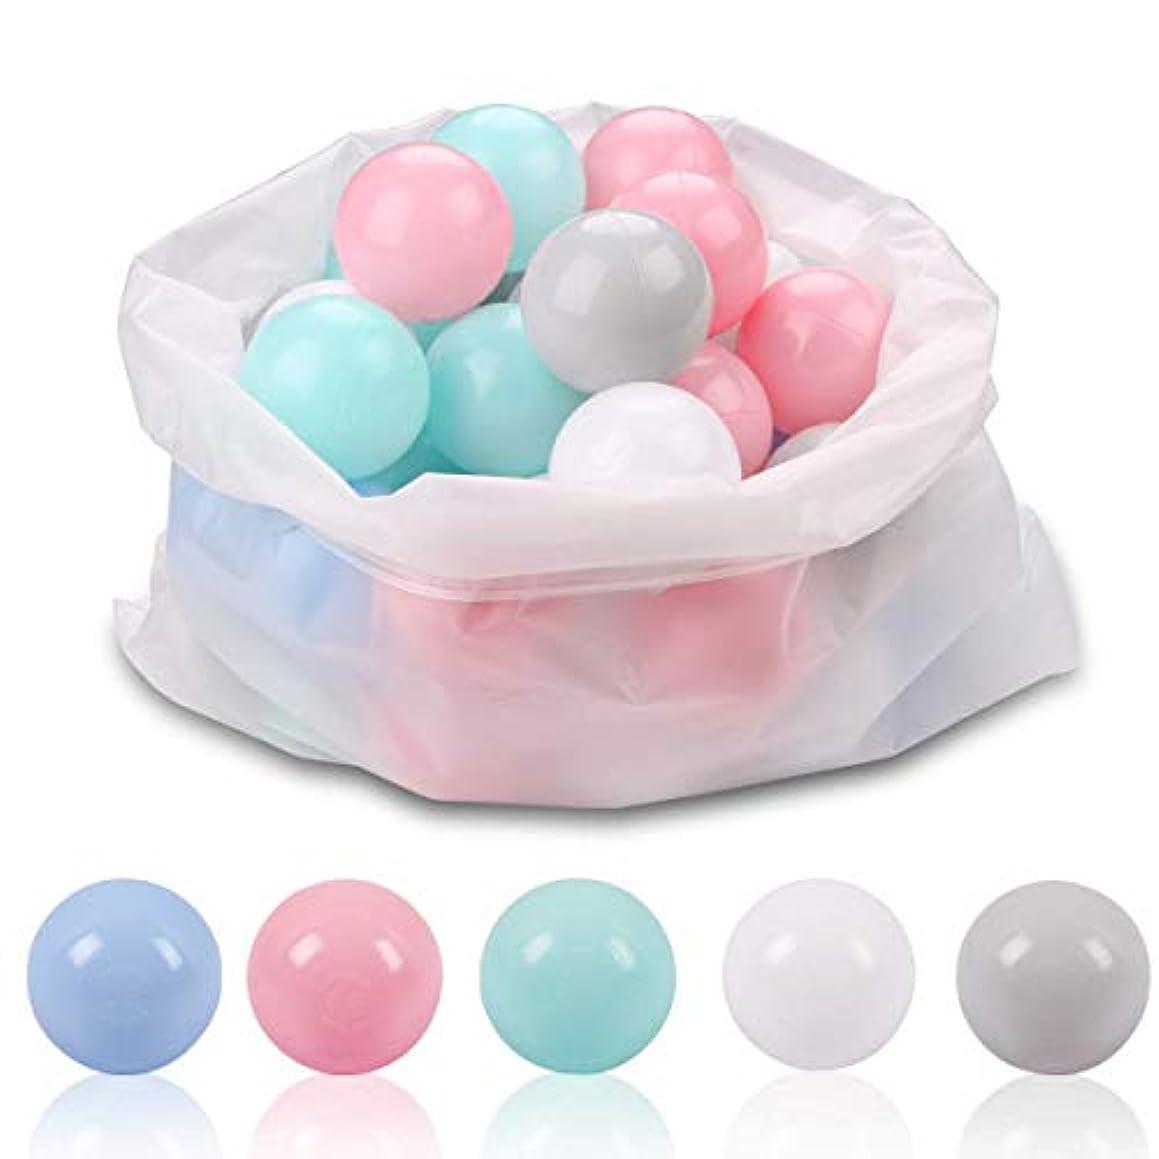 過ち航空便不愉快Flowear 子供用ボールピットボール – 子供用プラスチックおもちゃボール – 赤ちゃんや幼児のボールピット 50個